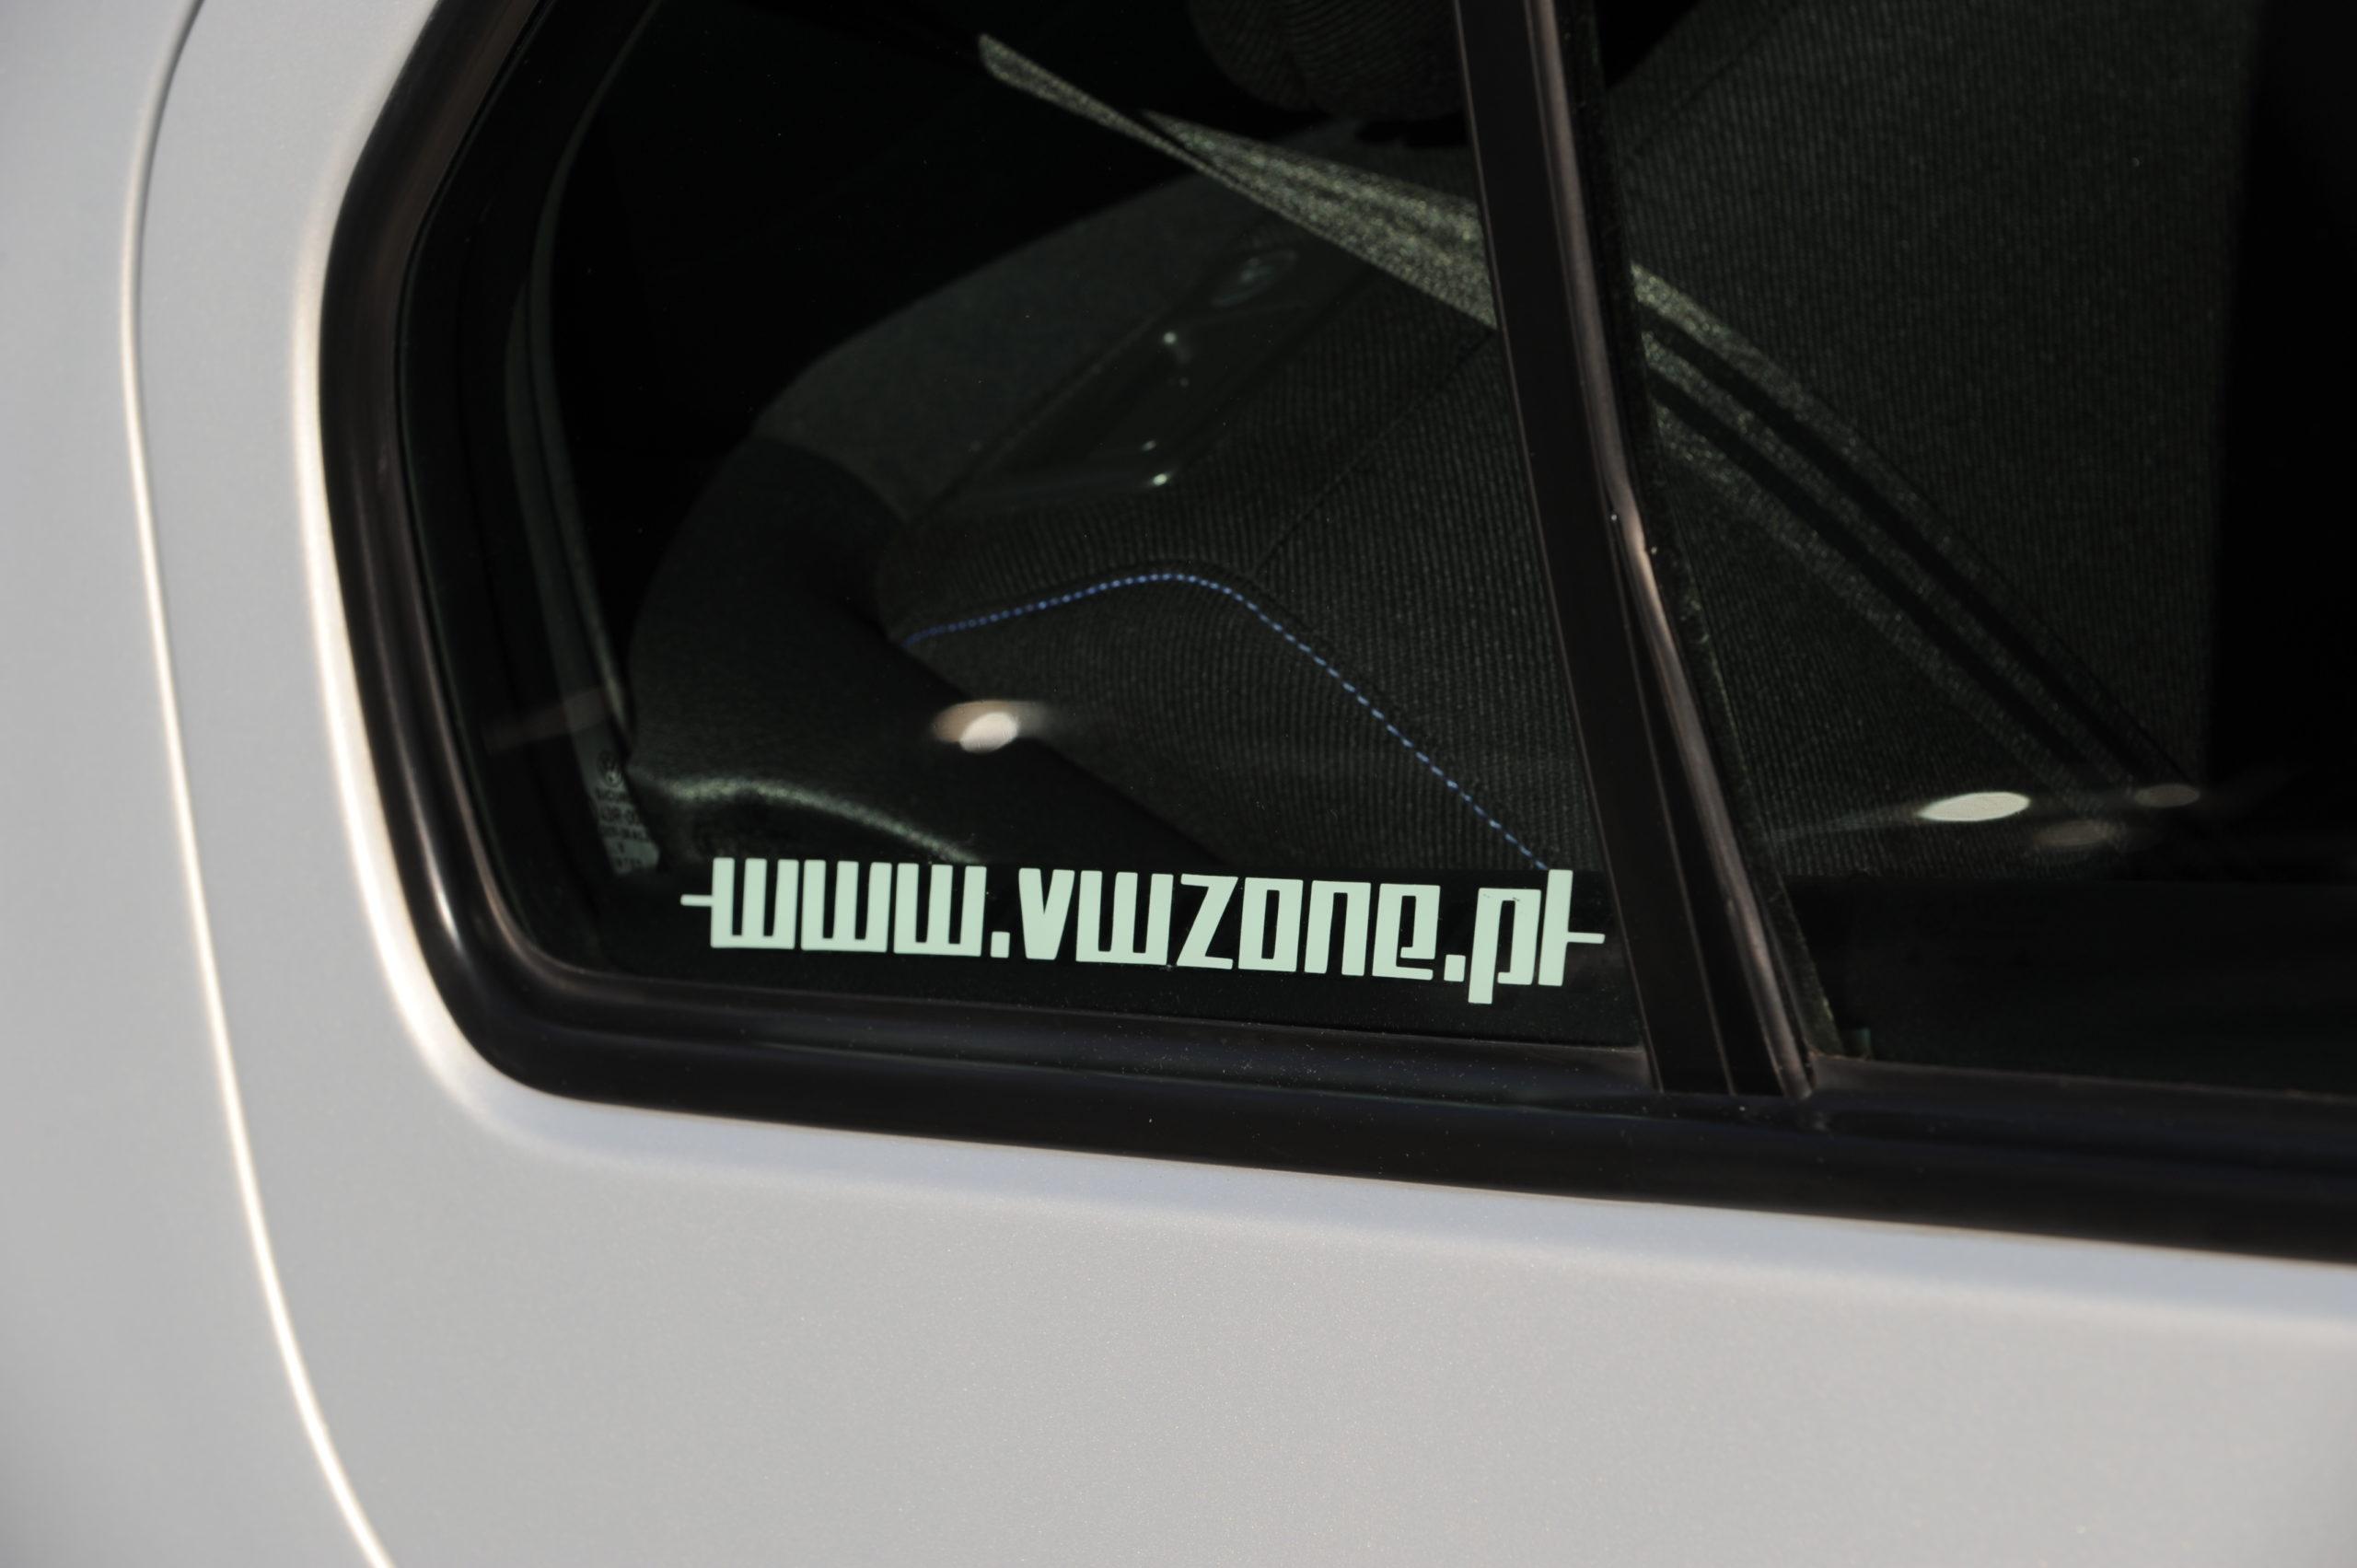 Tuning-VW-Bora-nalepka vwzone.pl